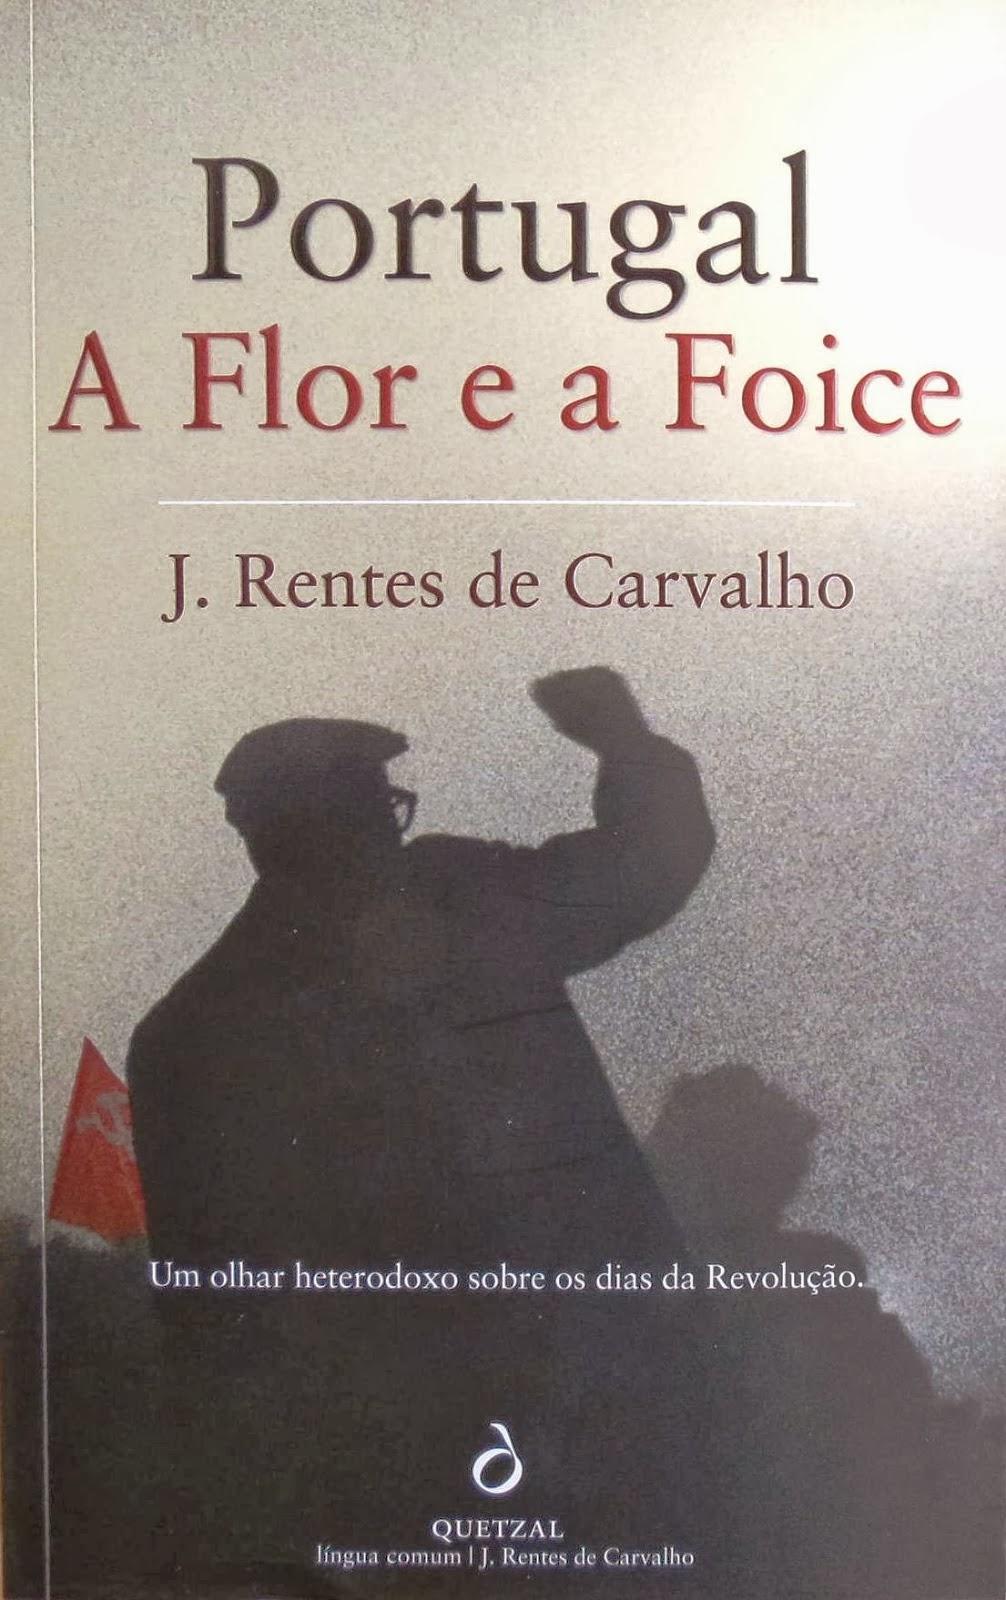 Portugal, a Flor e a Foice, José Rentes de Carvalho